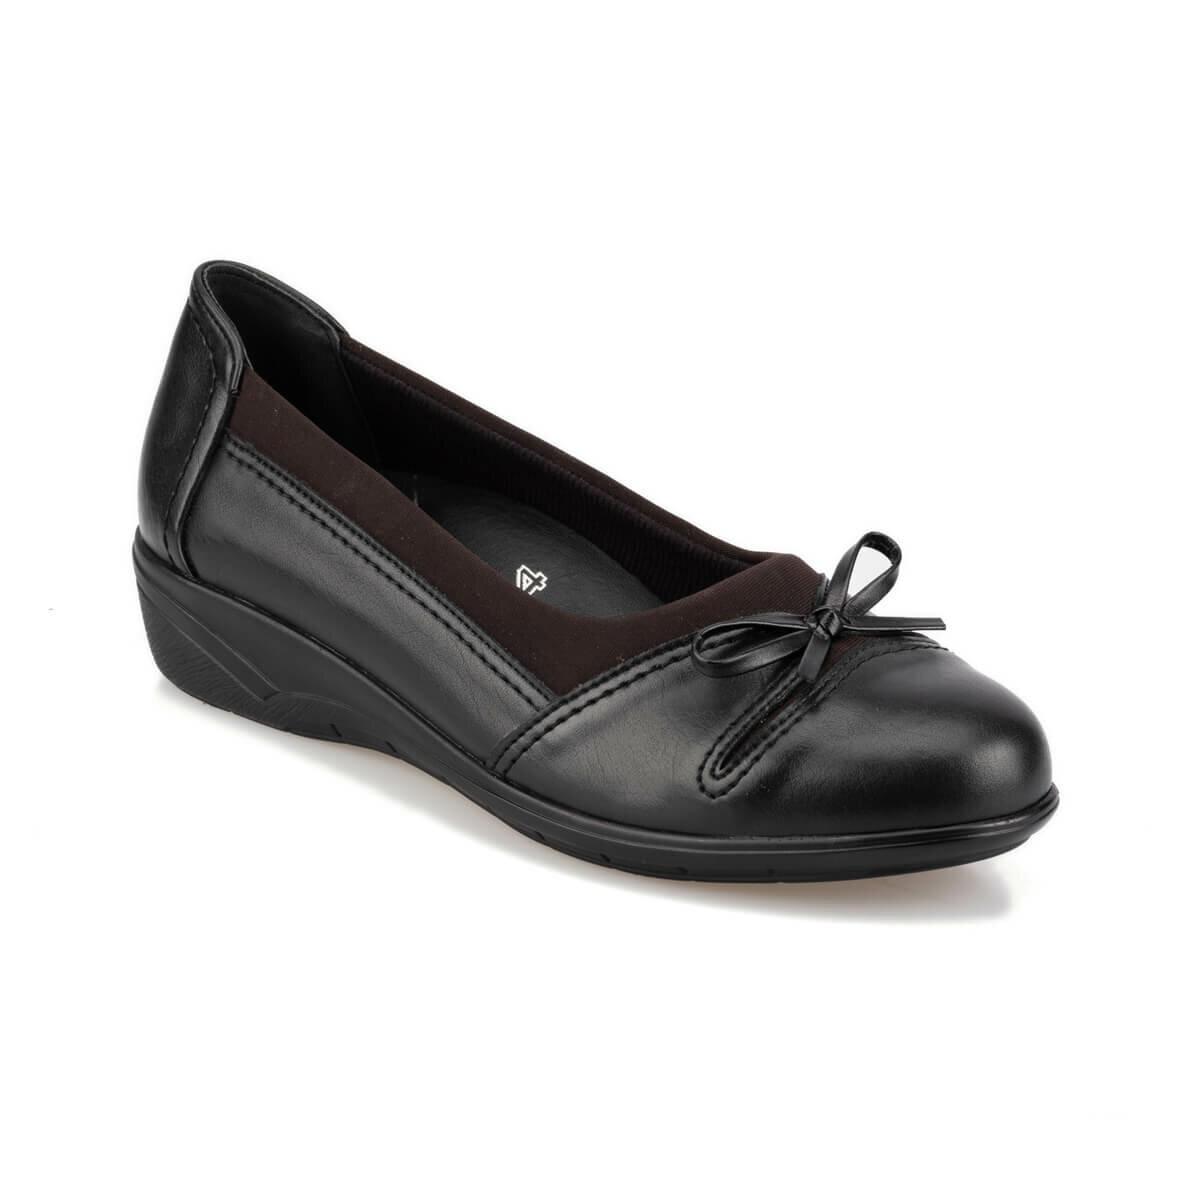 FLO 92.101012.Z Black Women 'S Wedges Shoes Polaris 5 Point